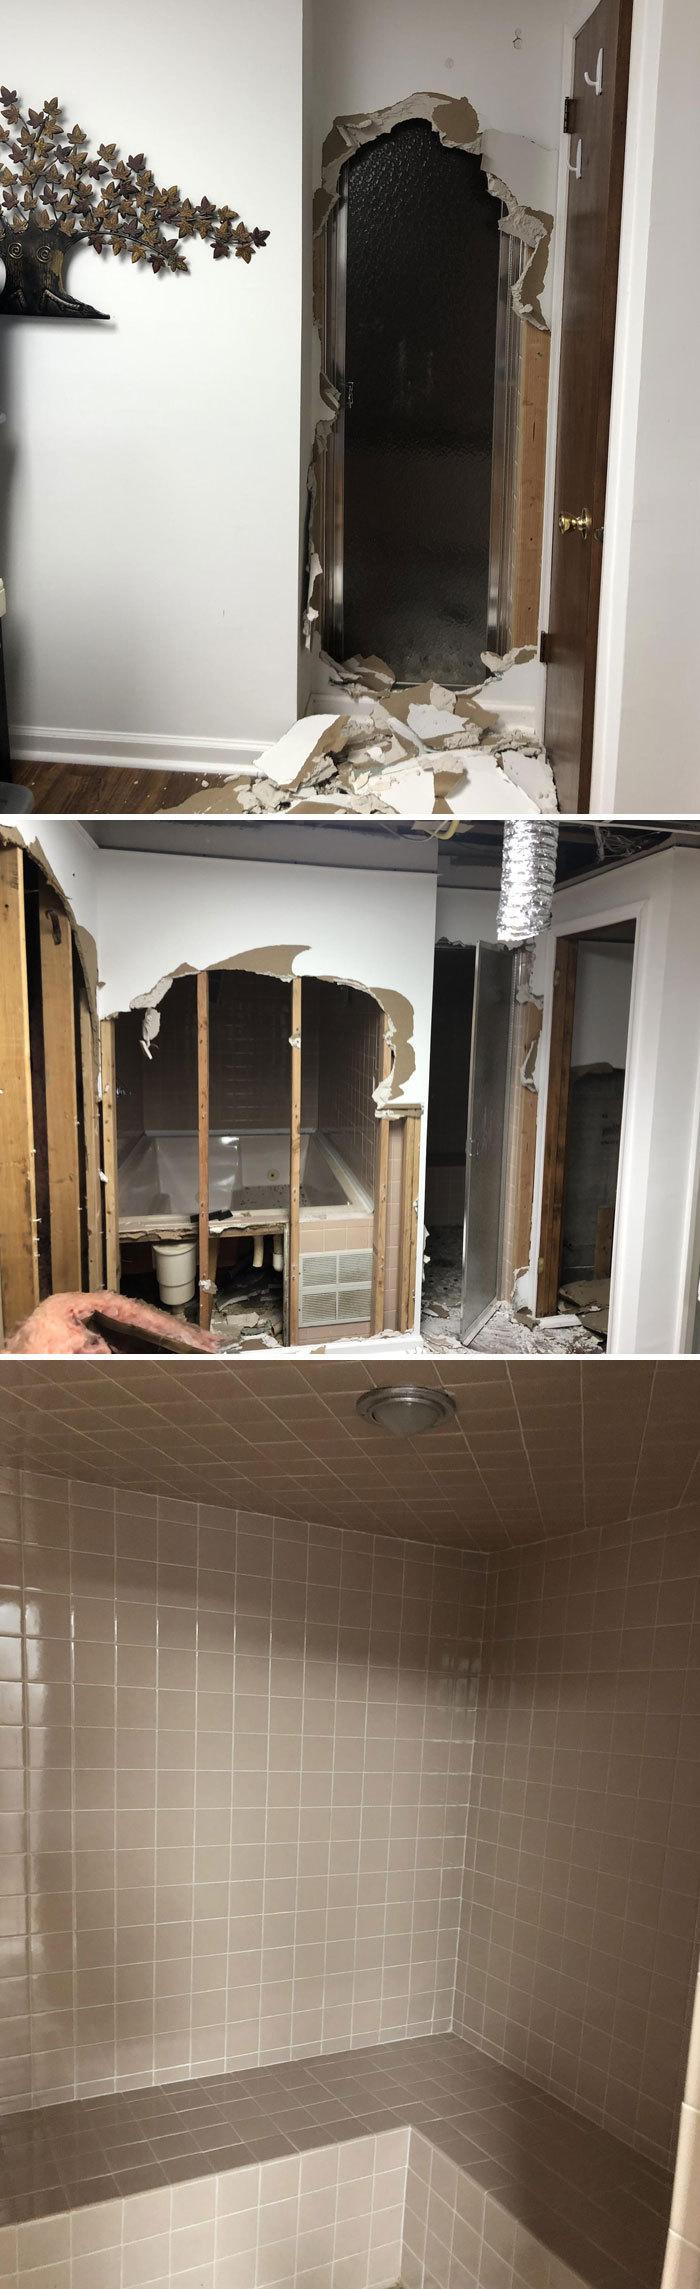 В новом доме во время ремонта была обнаружена парная комната.